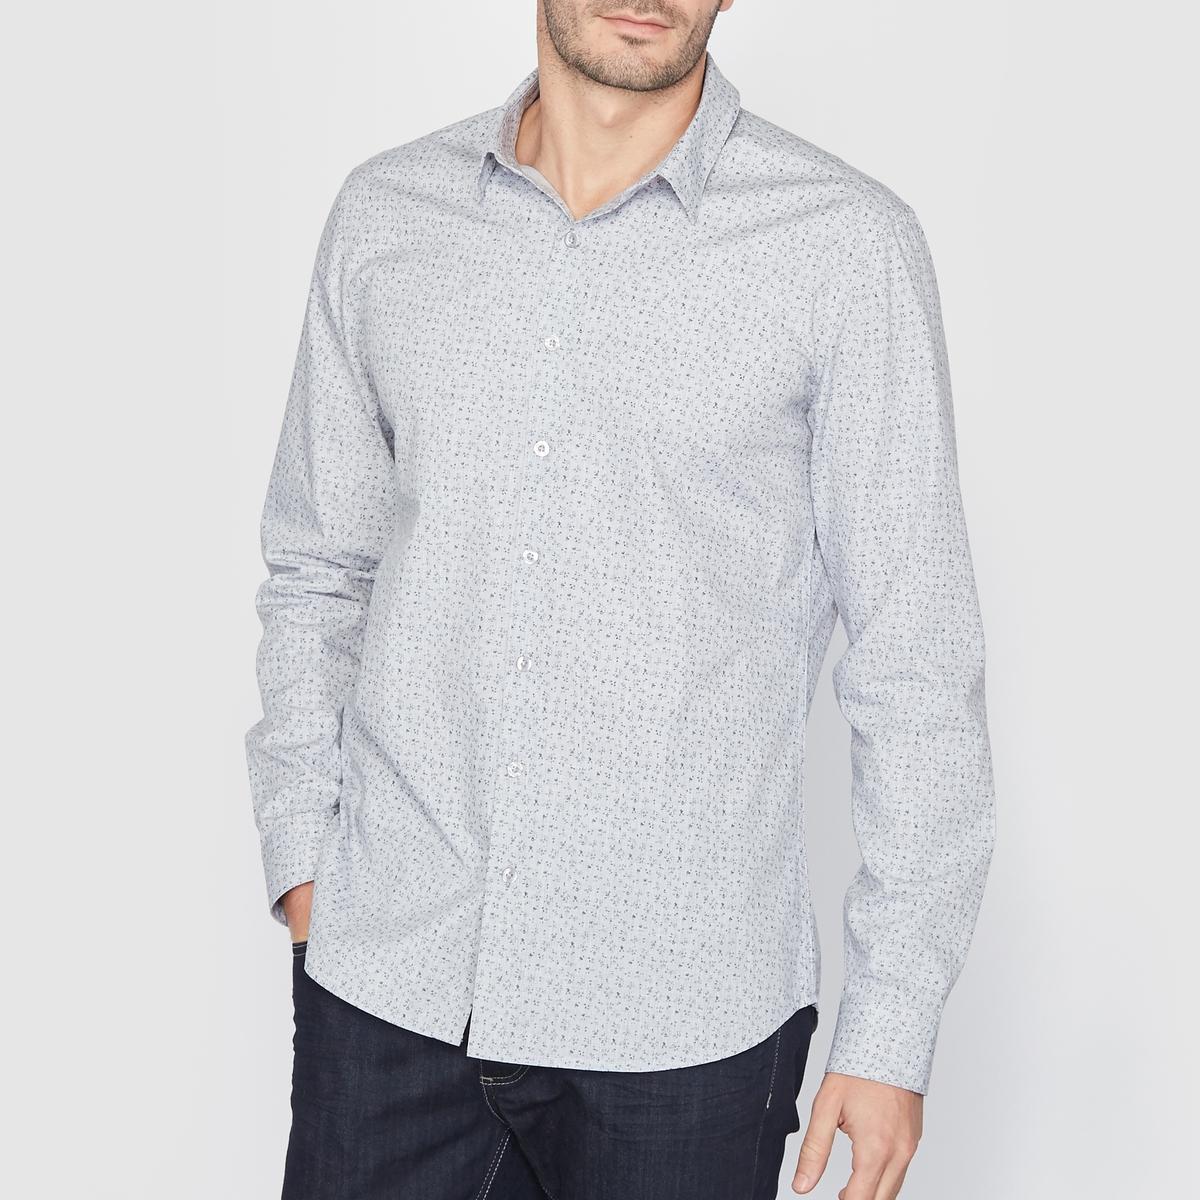 Рубашка с рисункомРубашка узкого покроя с принтом и воротником со свободными уголками. Закругленный низ . Рукава с пуговицами внизу.  Длина 77 см. Рубашка, 65% полиэстера, 35% хлопка.<br><br>Цвет: набивной рисунок<br>Размер: 45/46